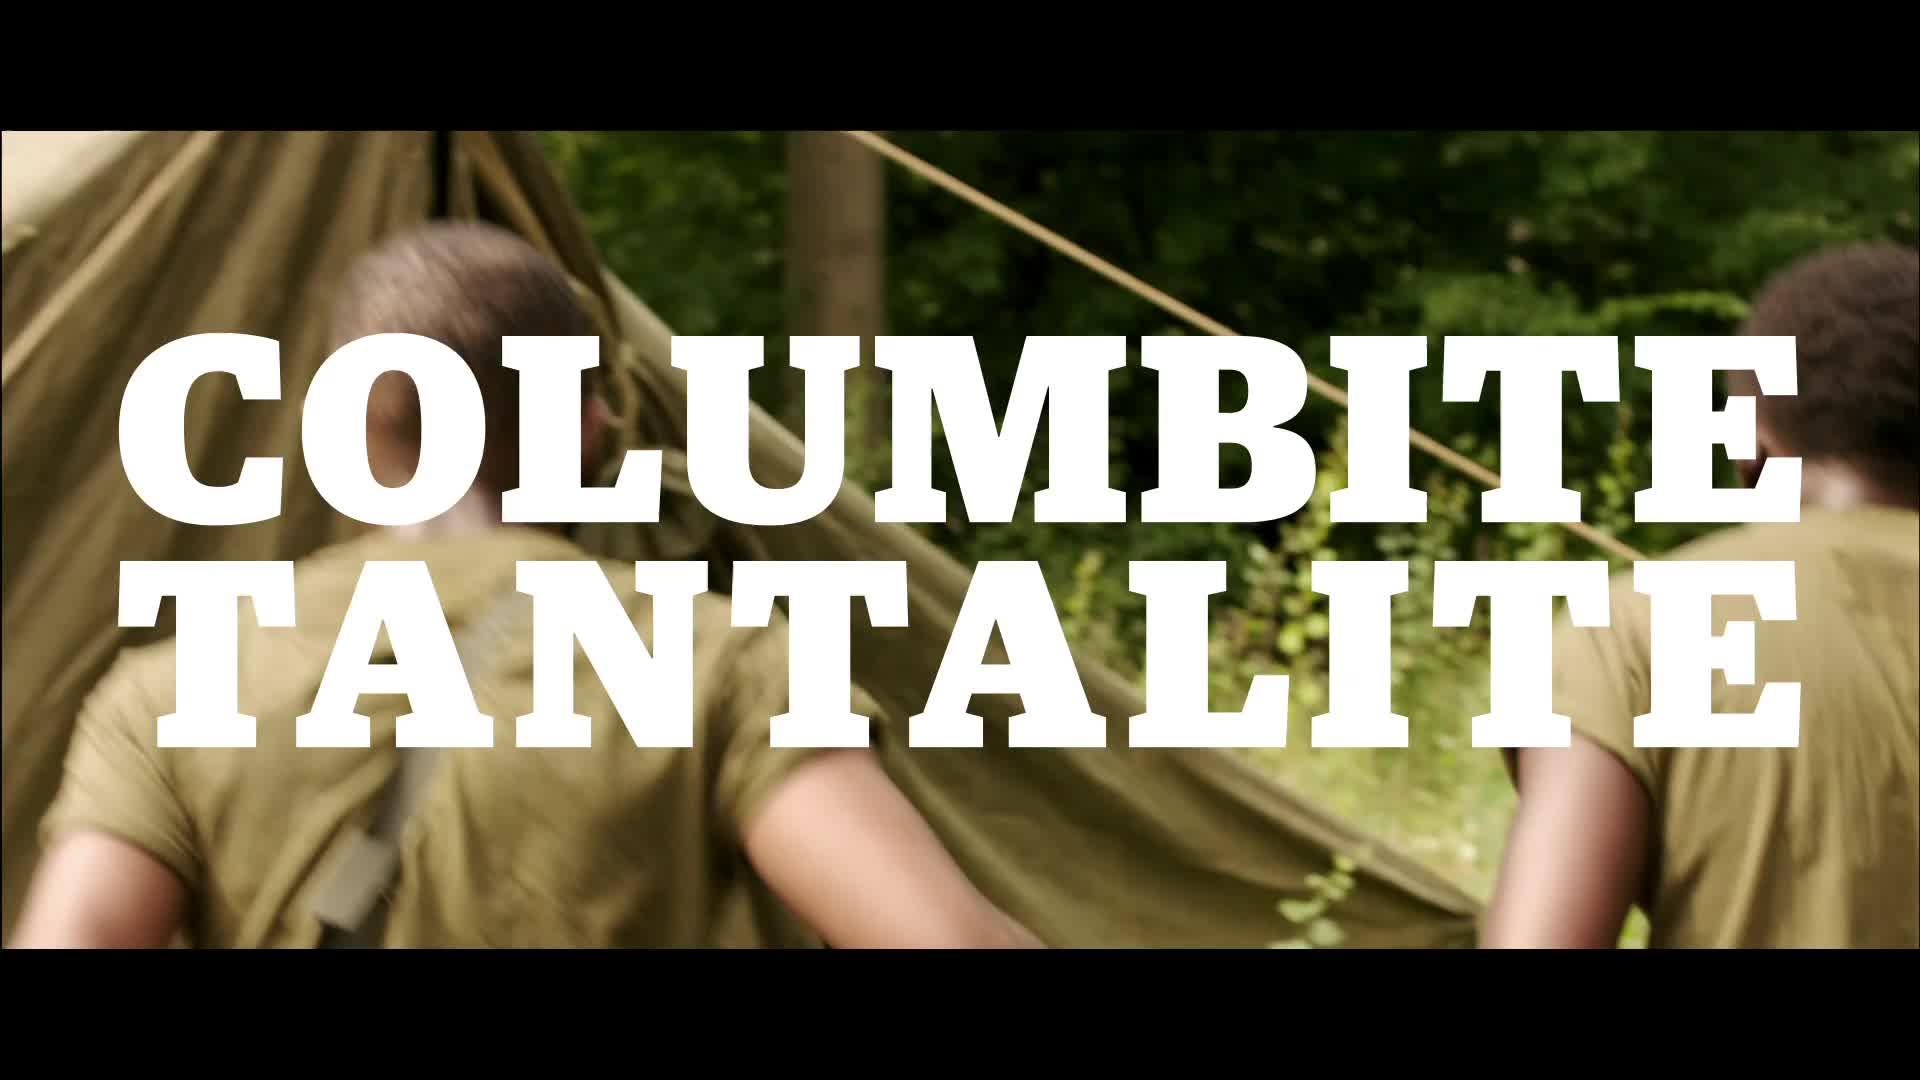 Webby Award Winner - Columbite Tantalite: a short film by Chiwetel Ejiofor